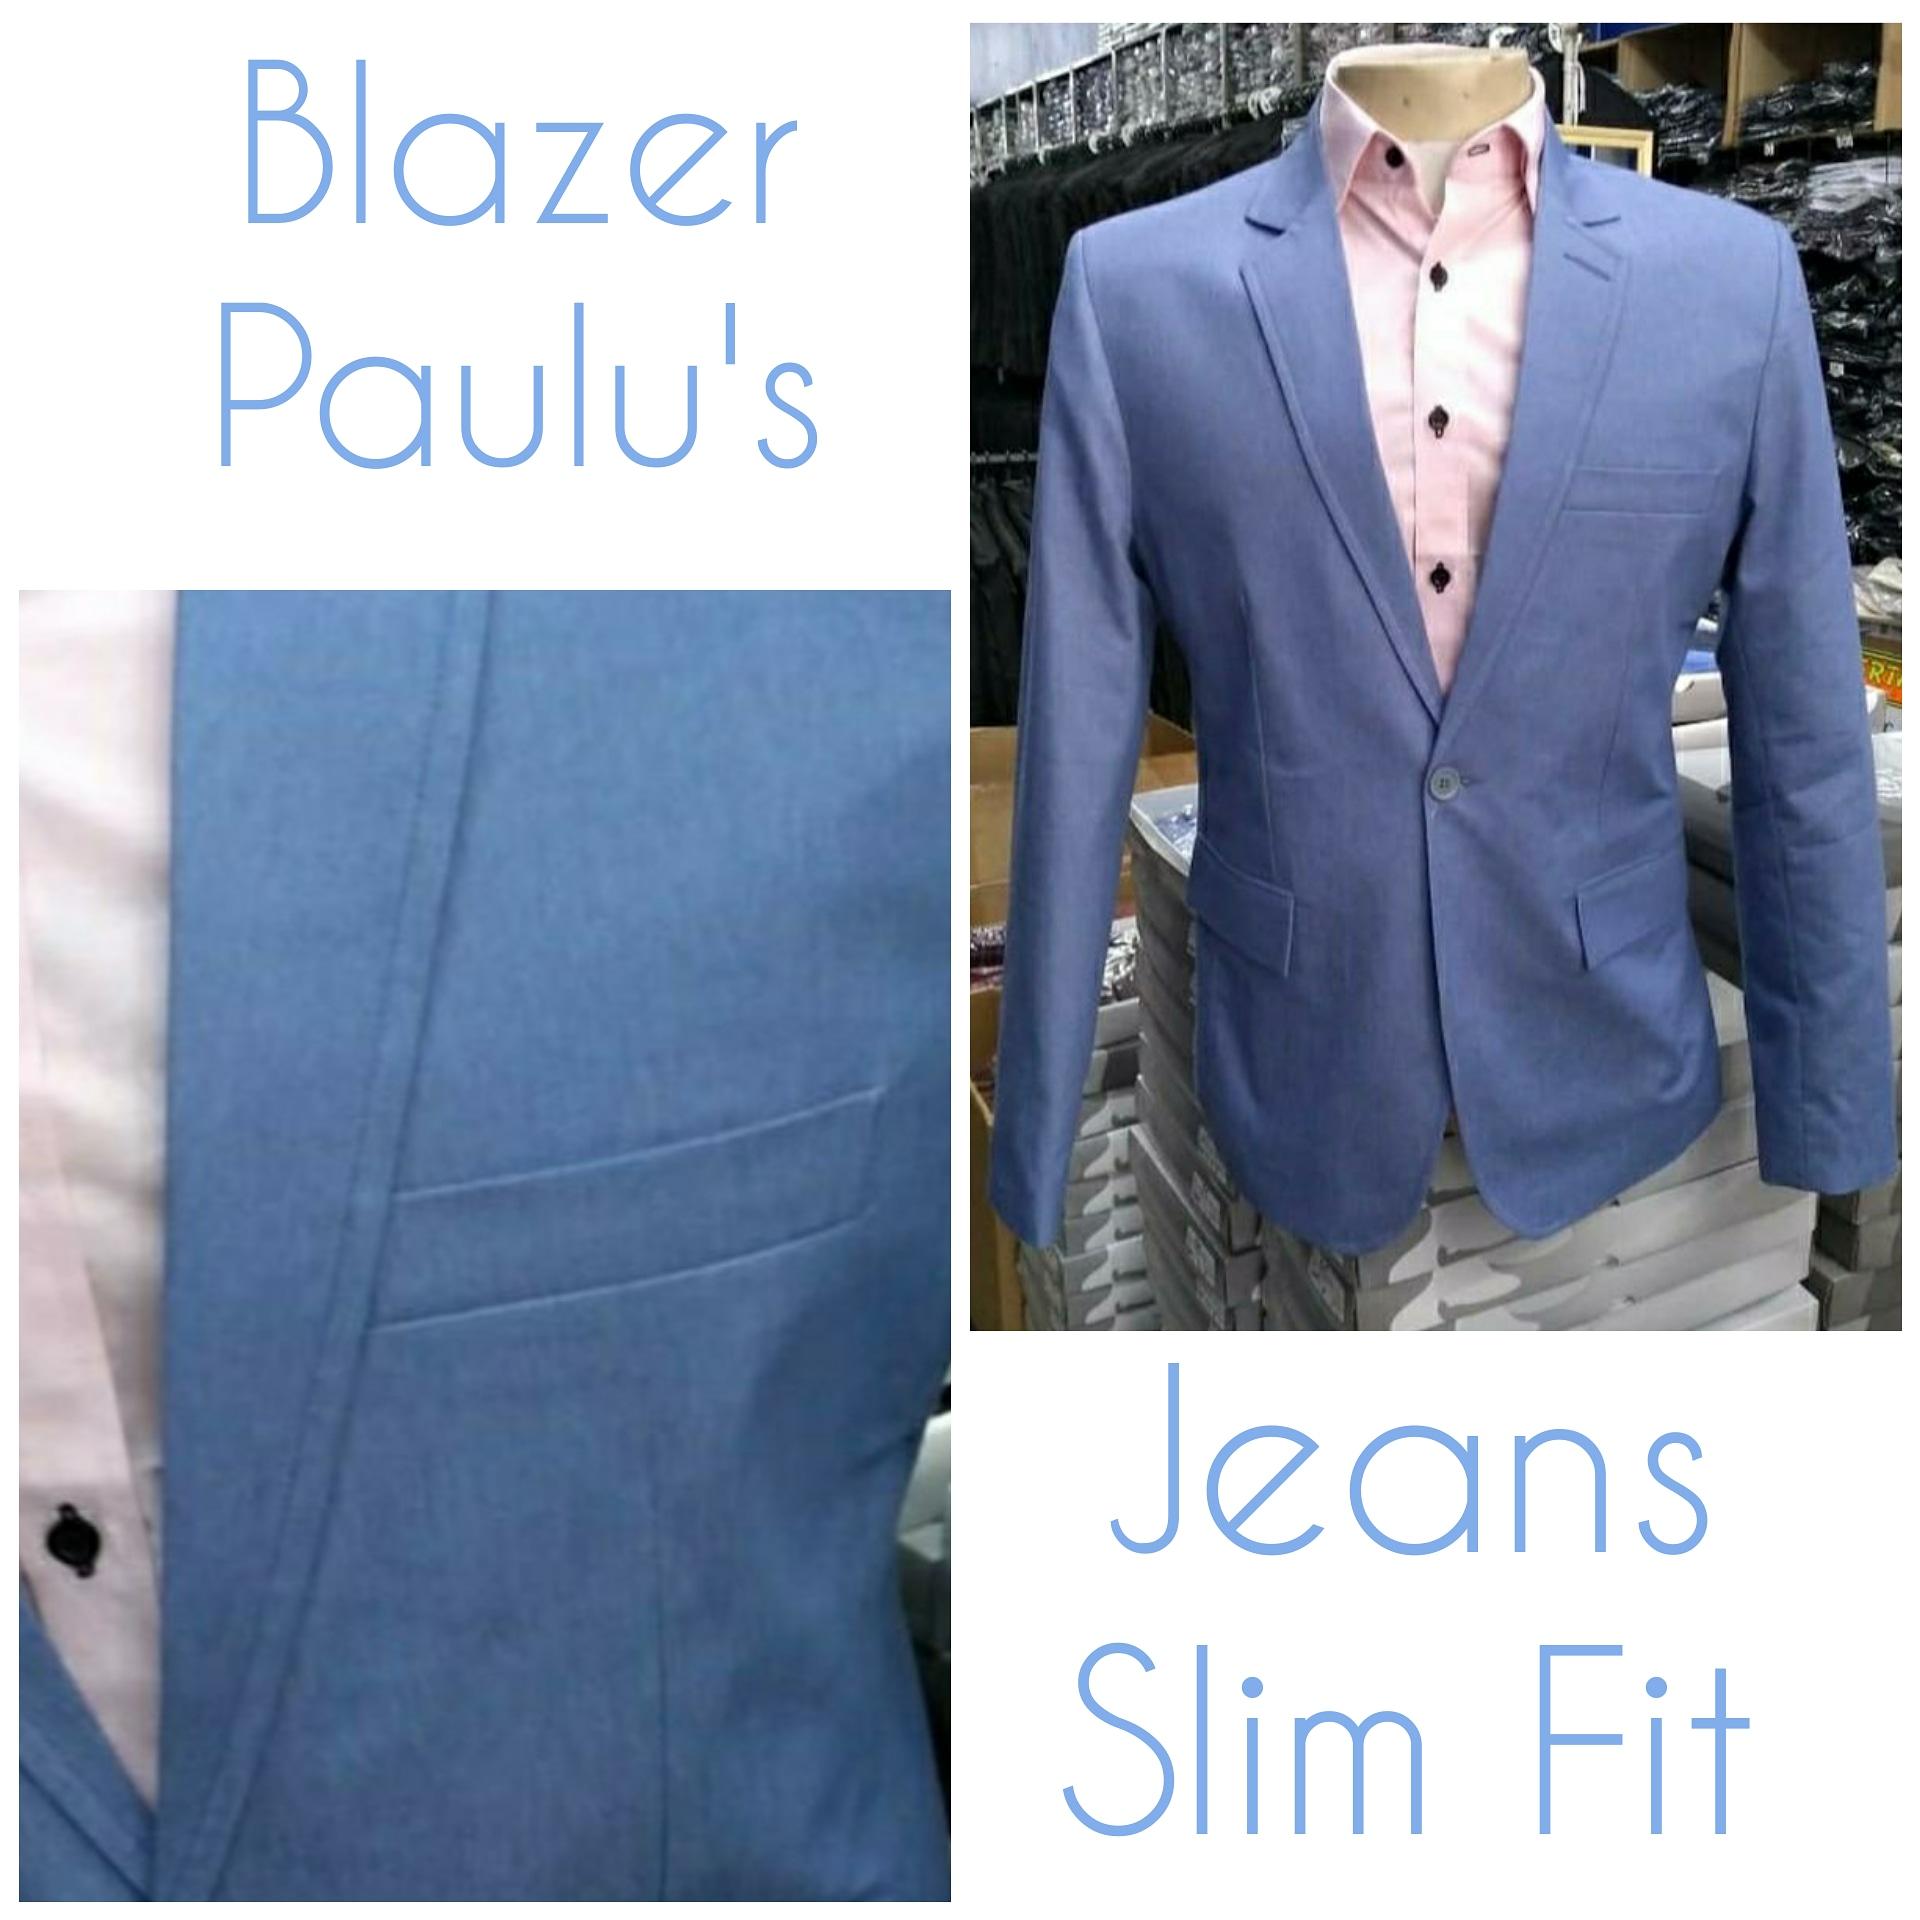 blazer jeans